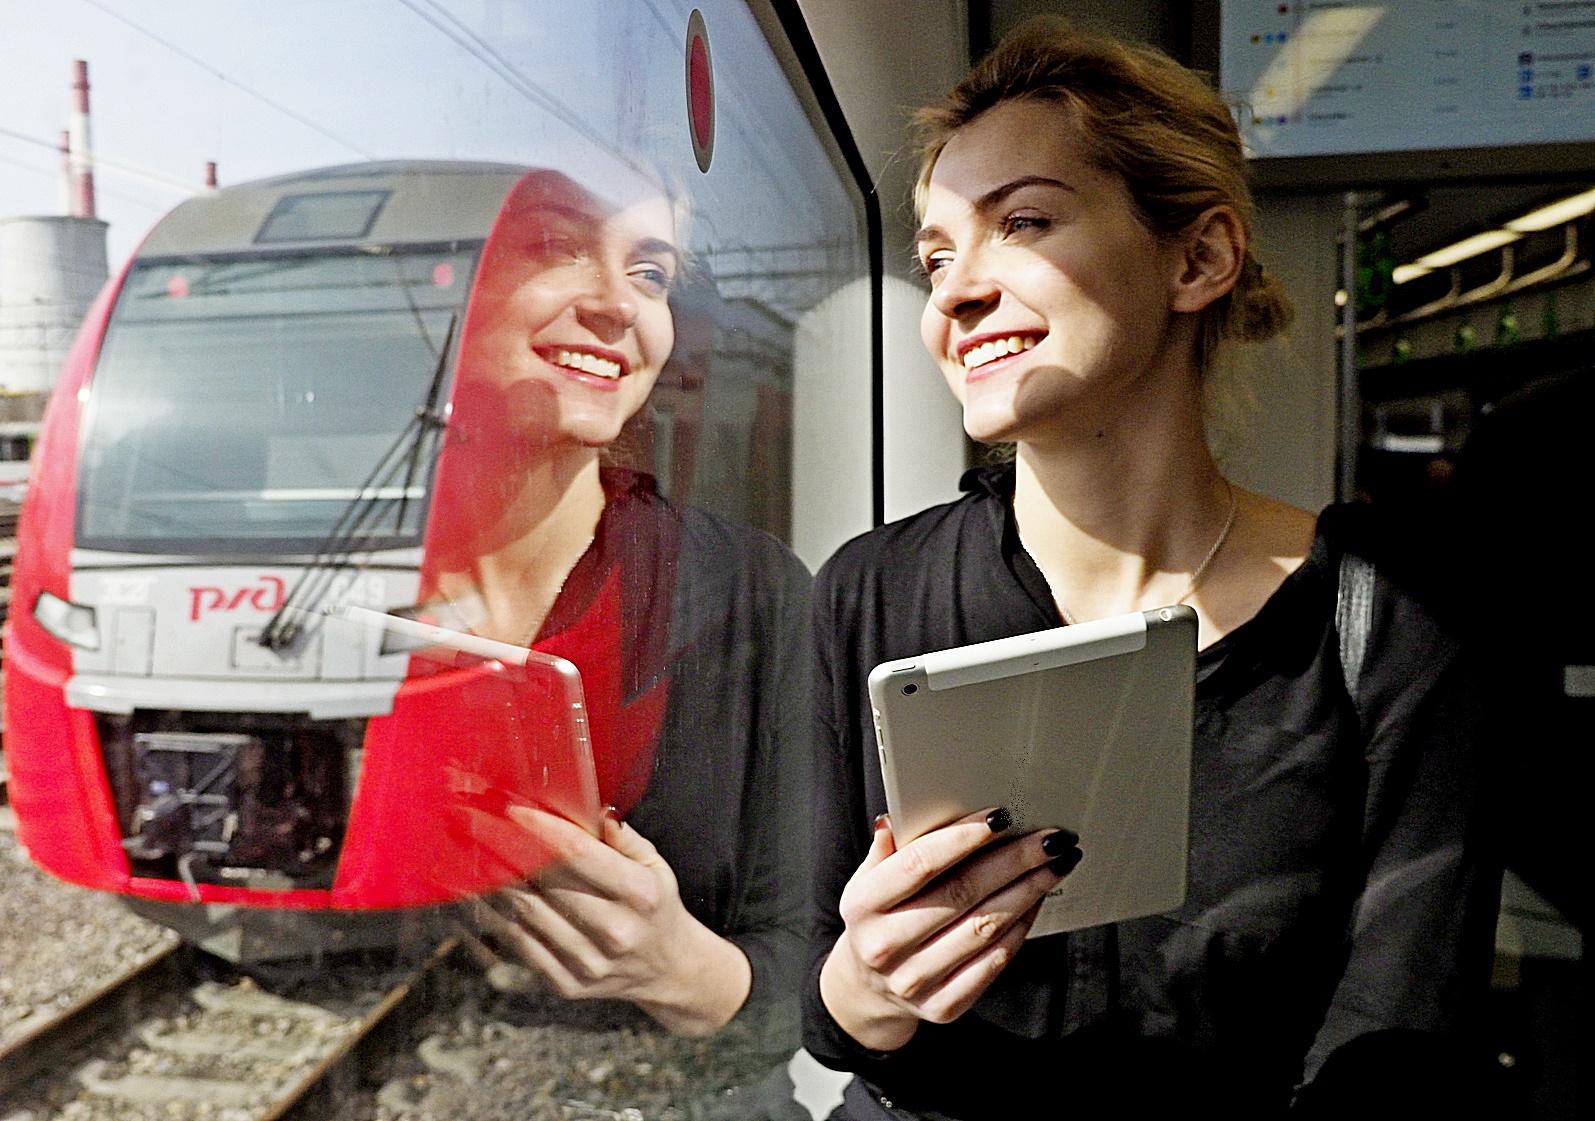 Пассажиры метро и МЦК выбрали имя для чат-бота